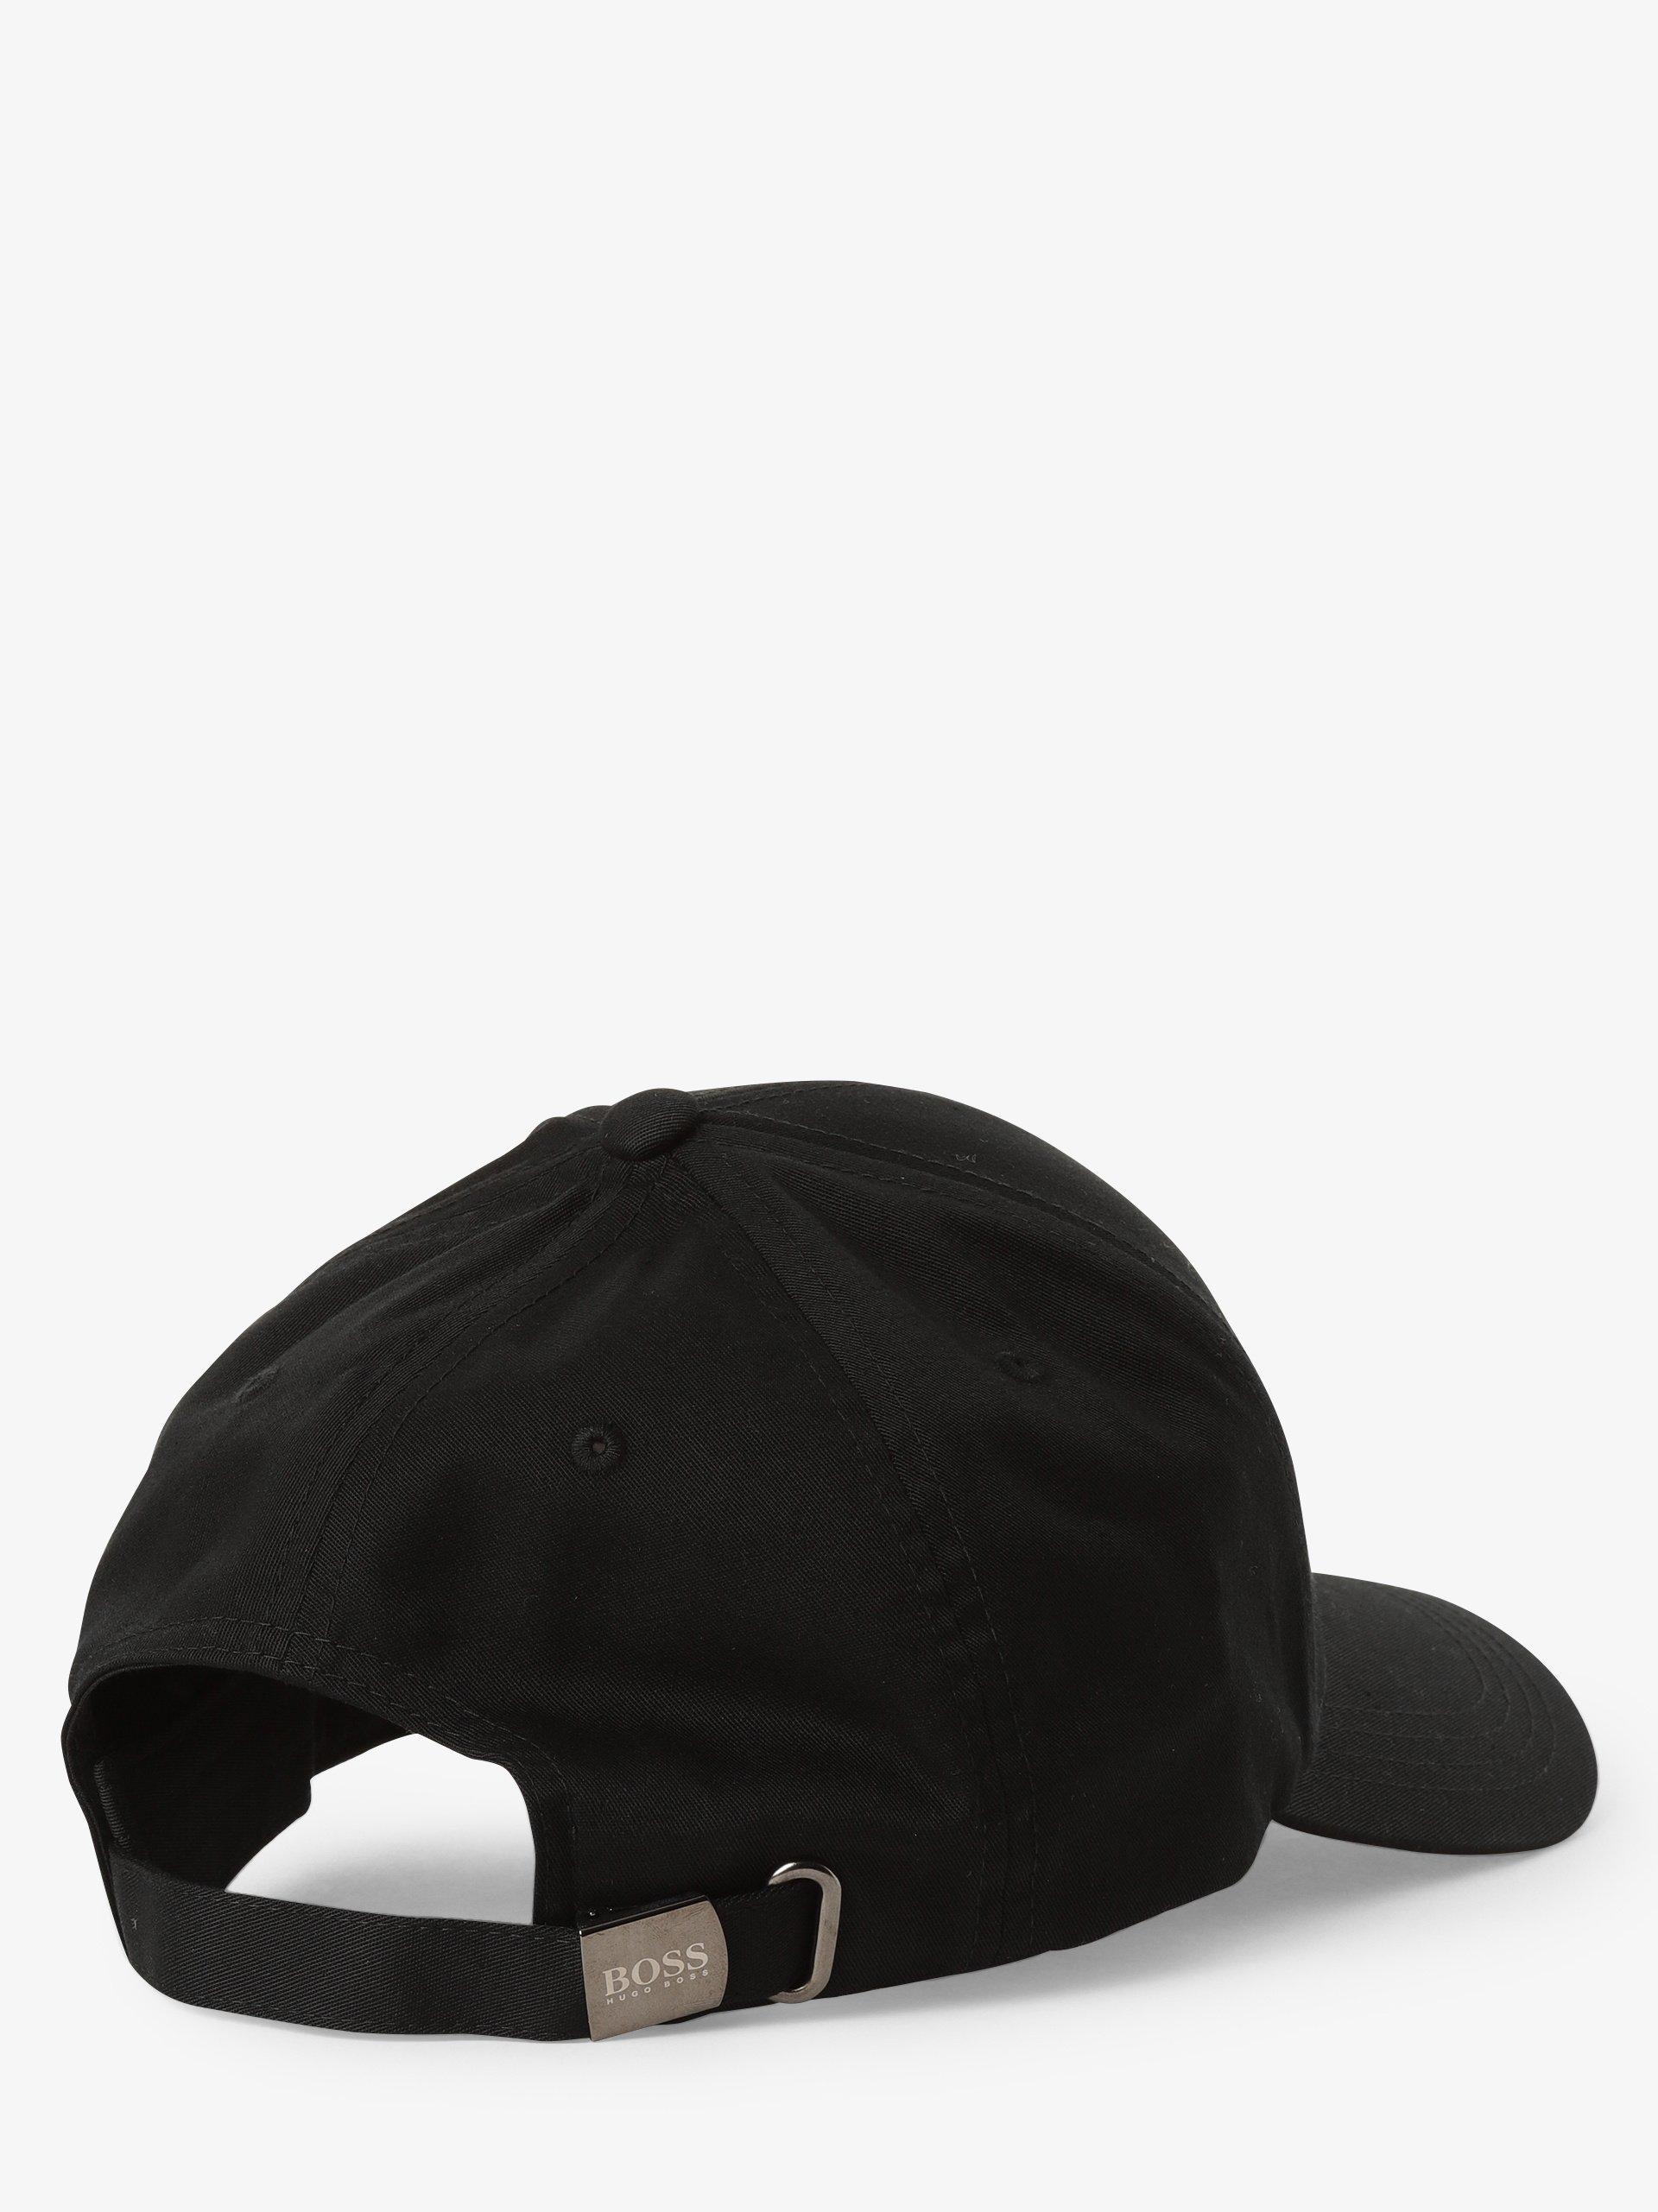 BOSS Athleisure Męska czapka z daszkiem – Cap-Curved